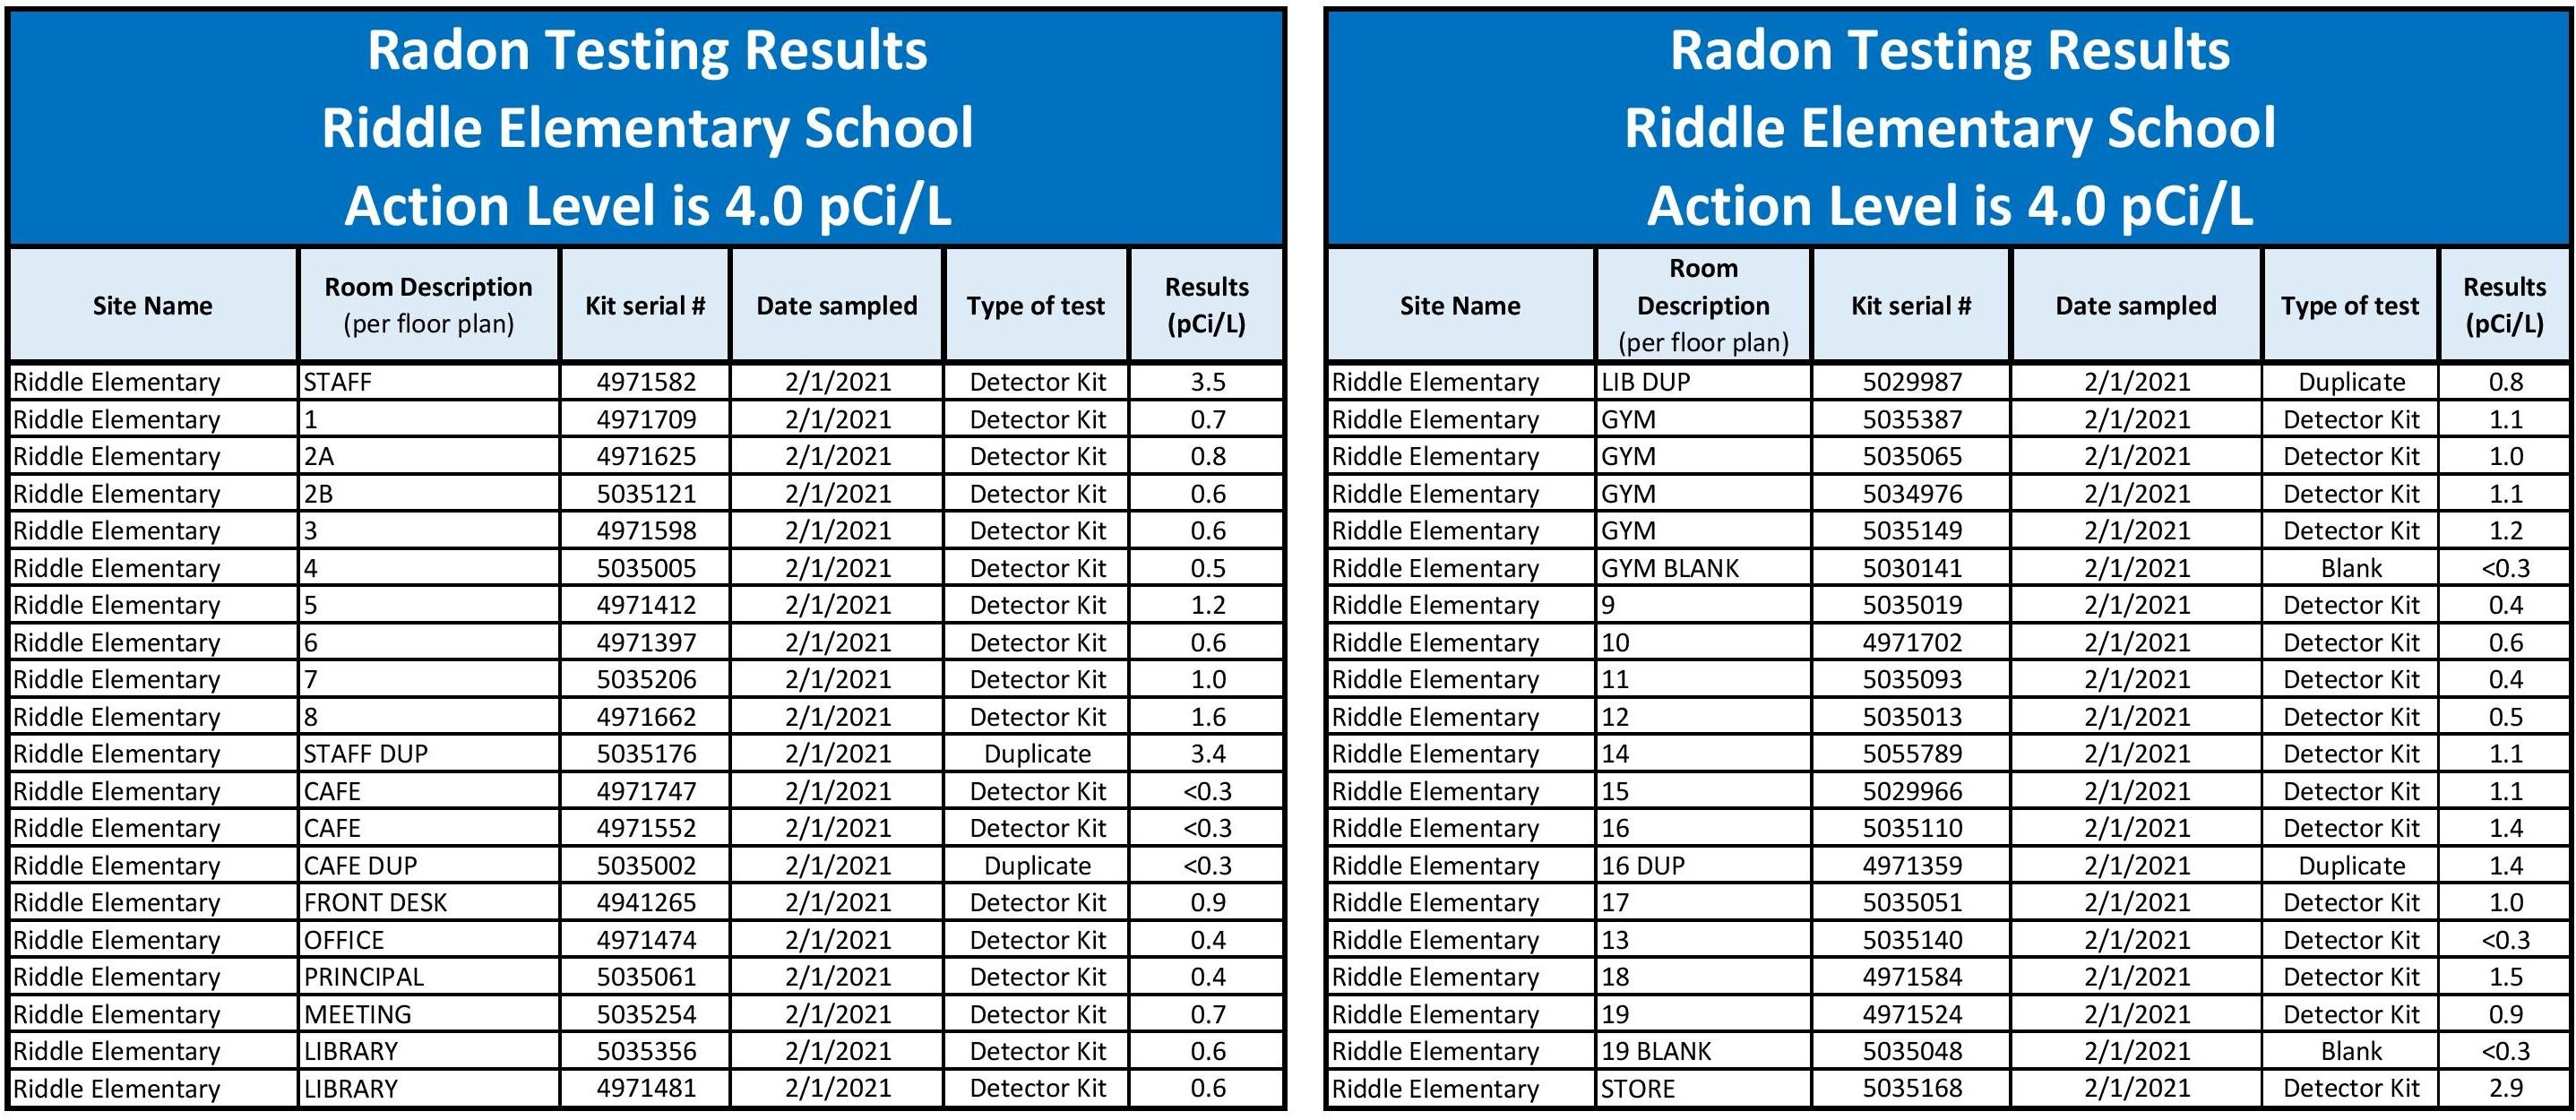 RES Radon Testing Results 2021